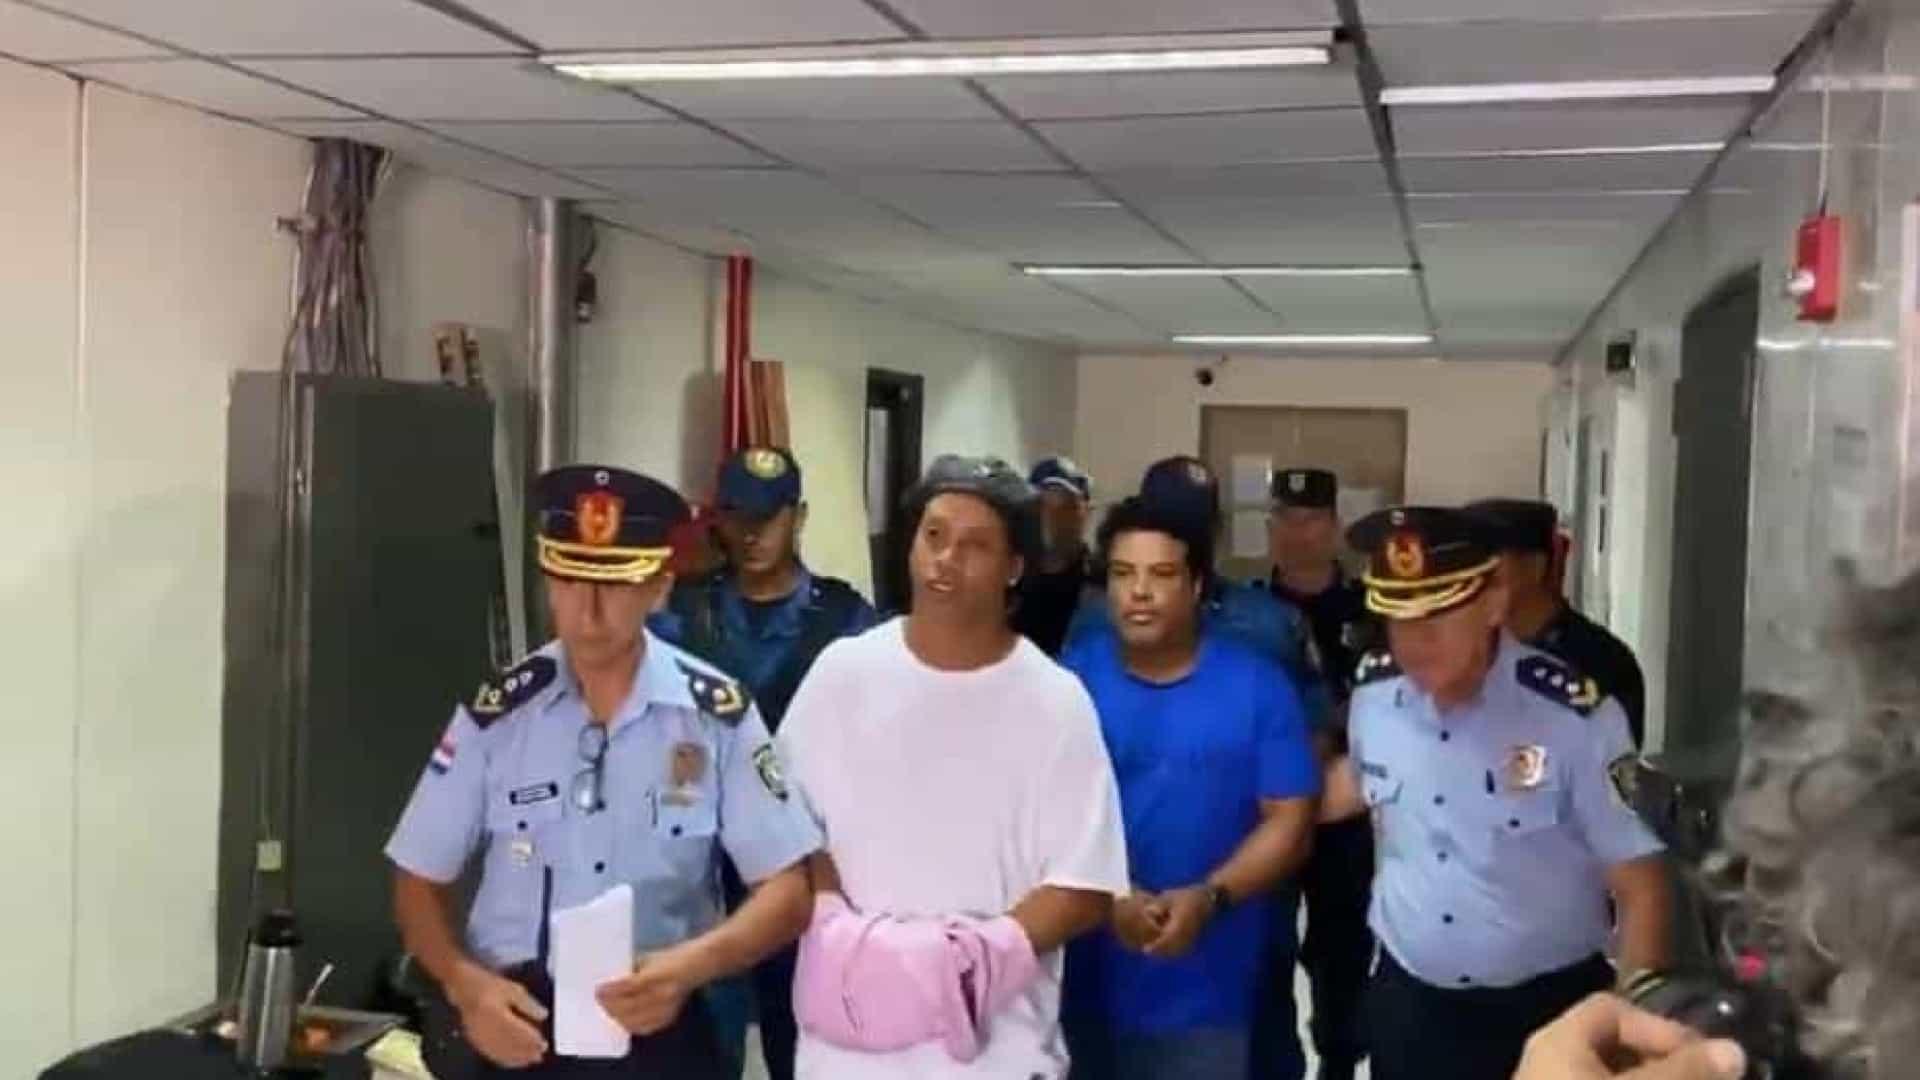 naom 5e63c12def892 - Ronaldinho se recusa a comer mesma comida que os demais presos